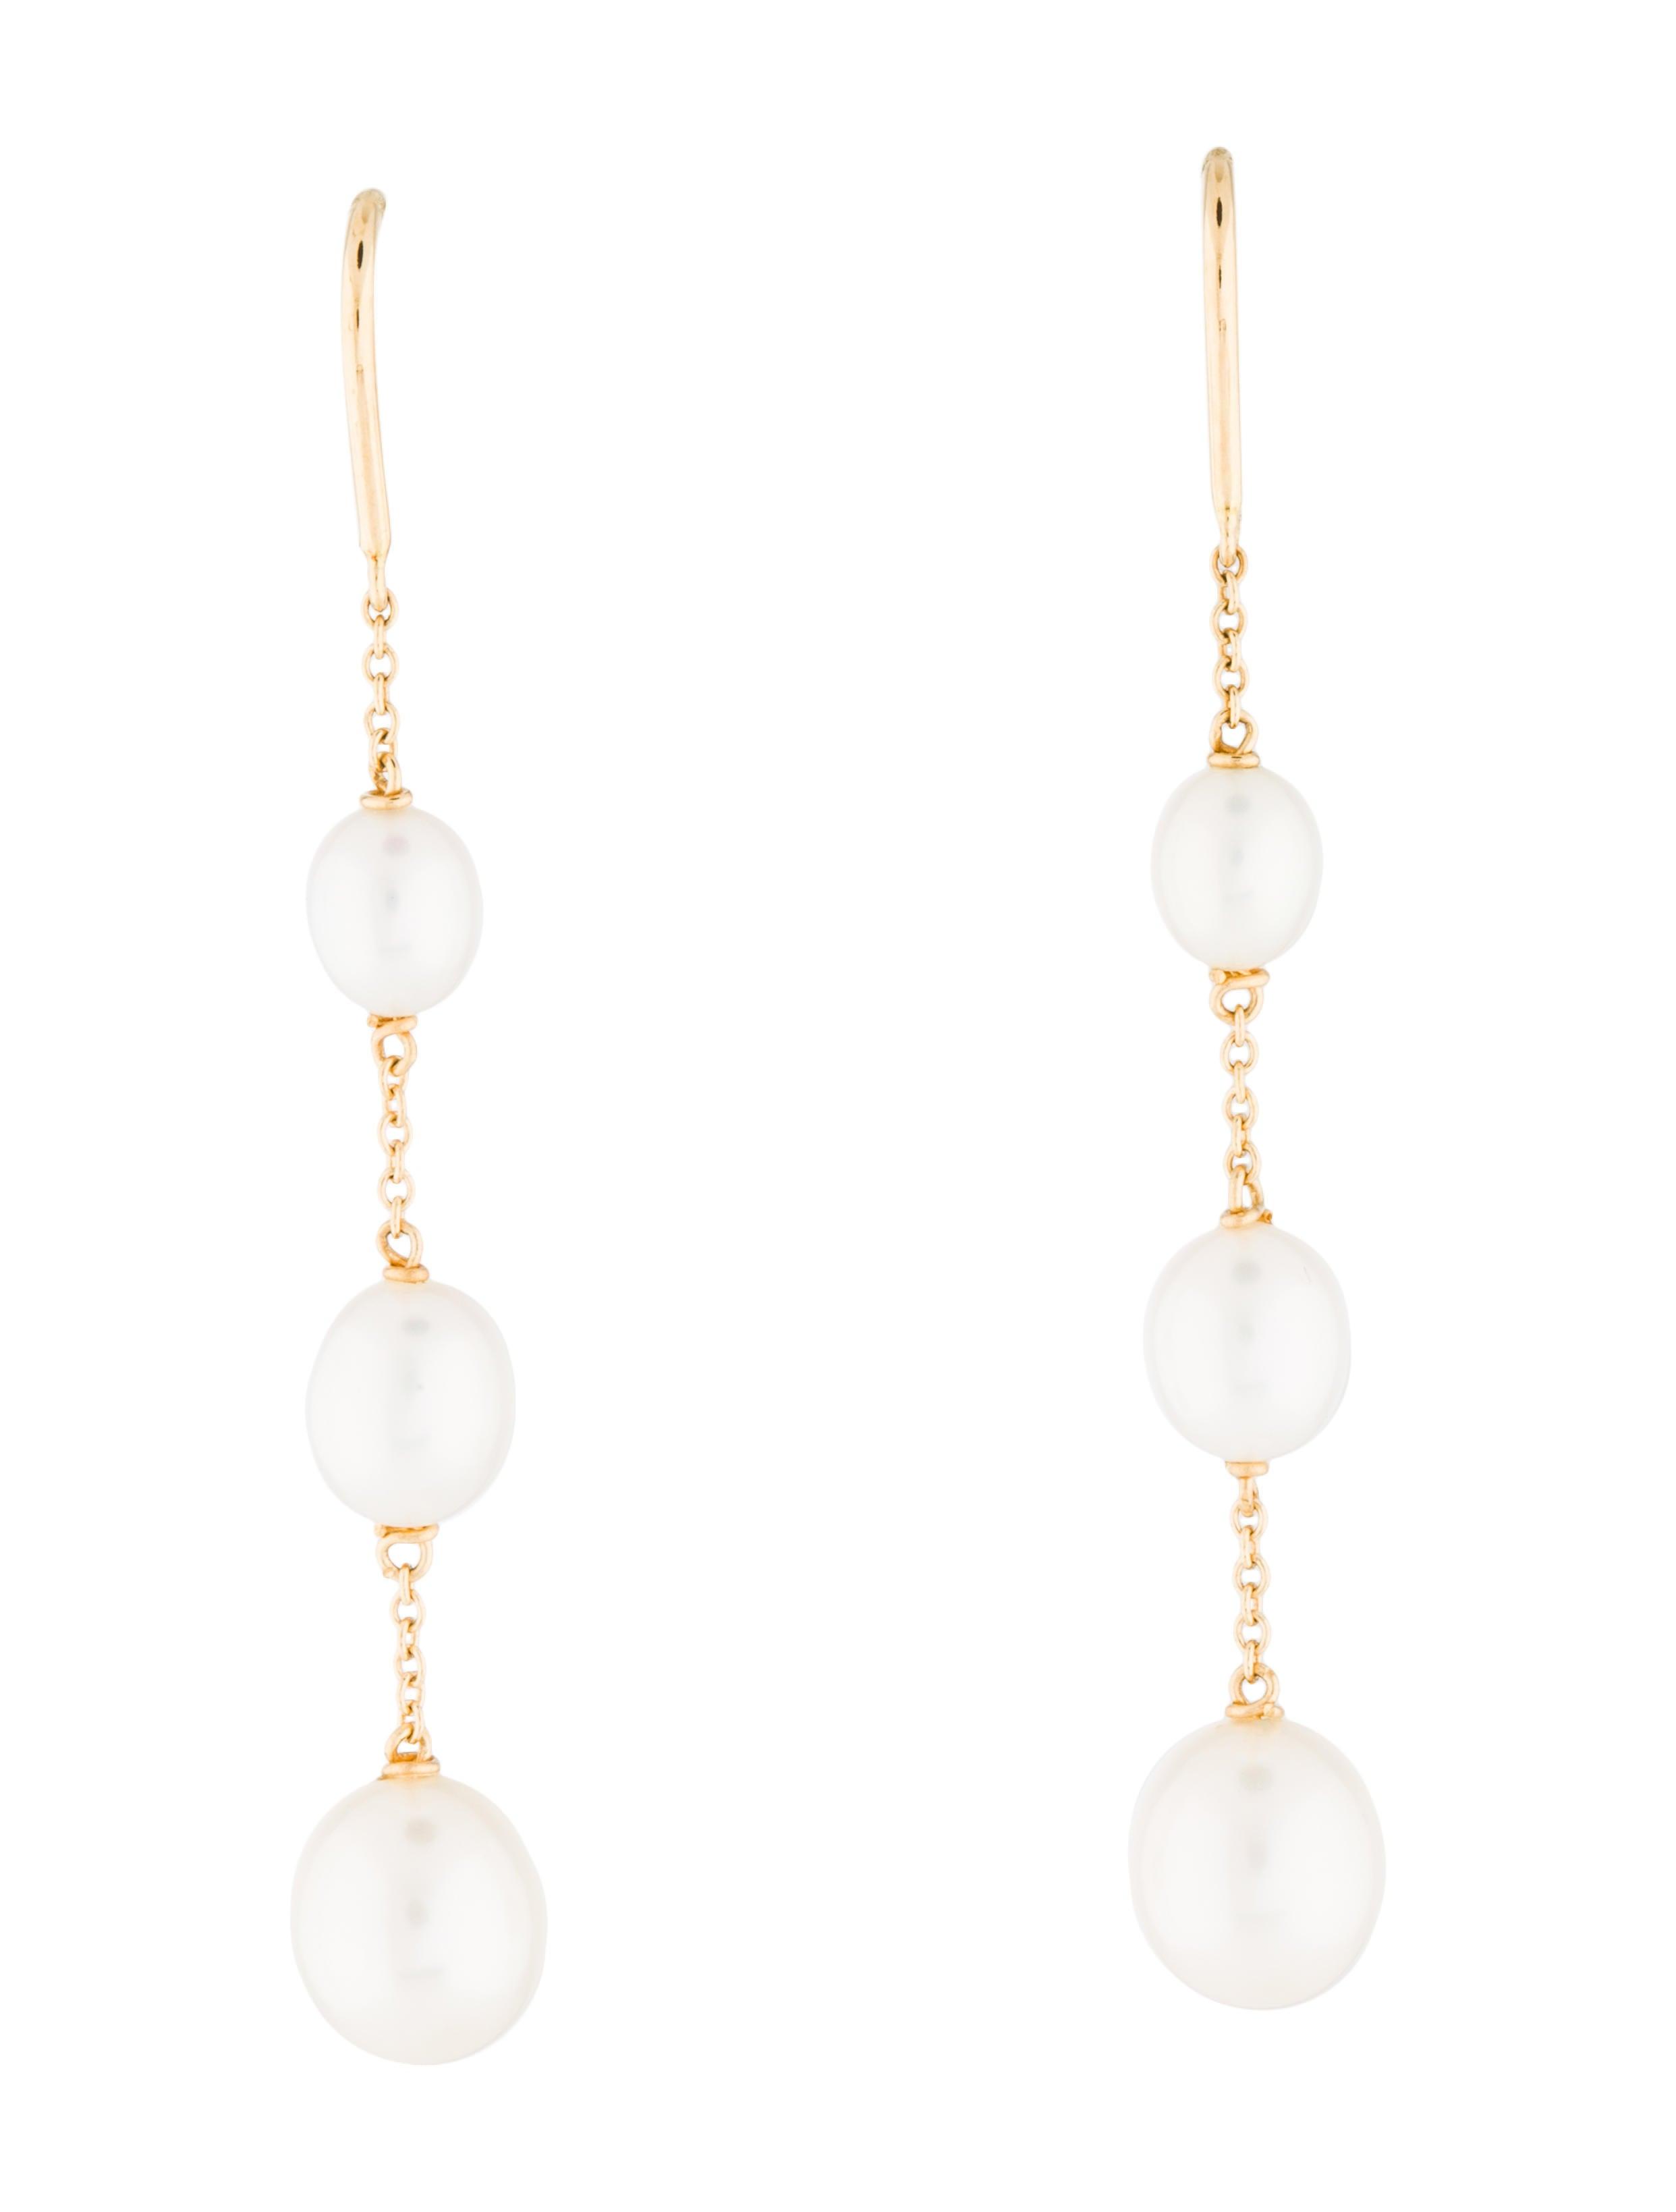 efe88da904ff4 Pearls By The Yard Chain Earrings